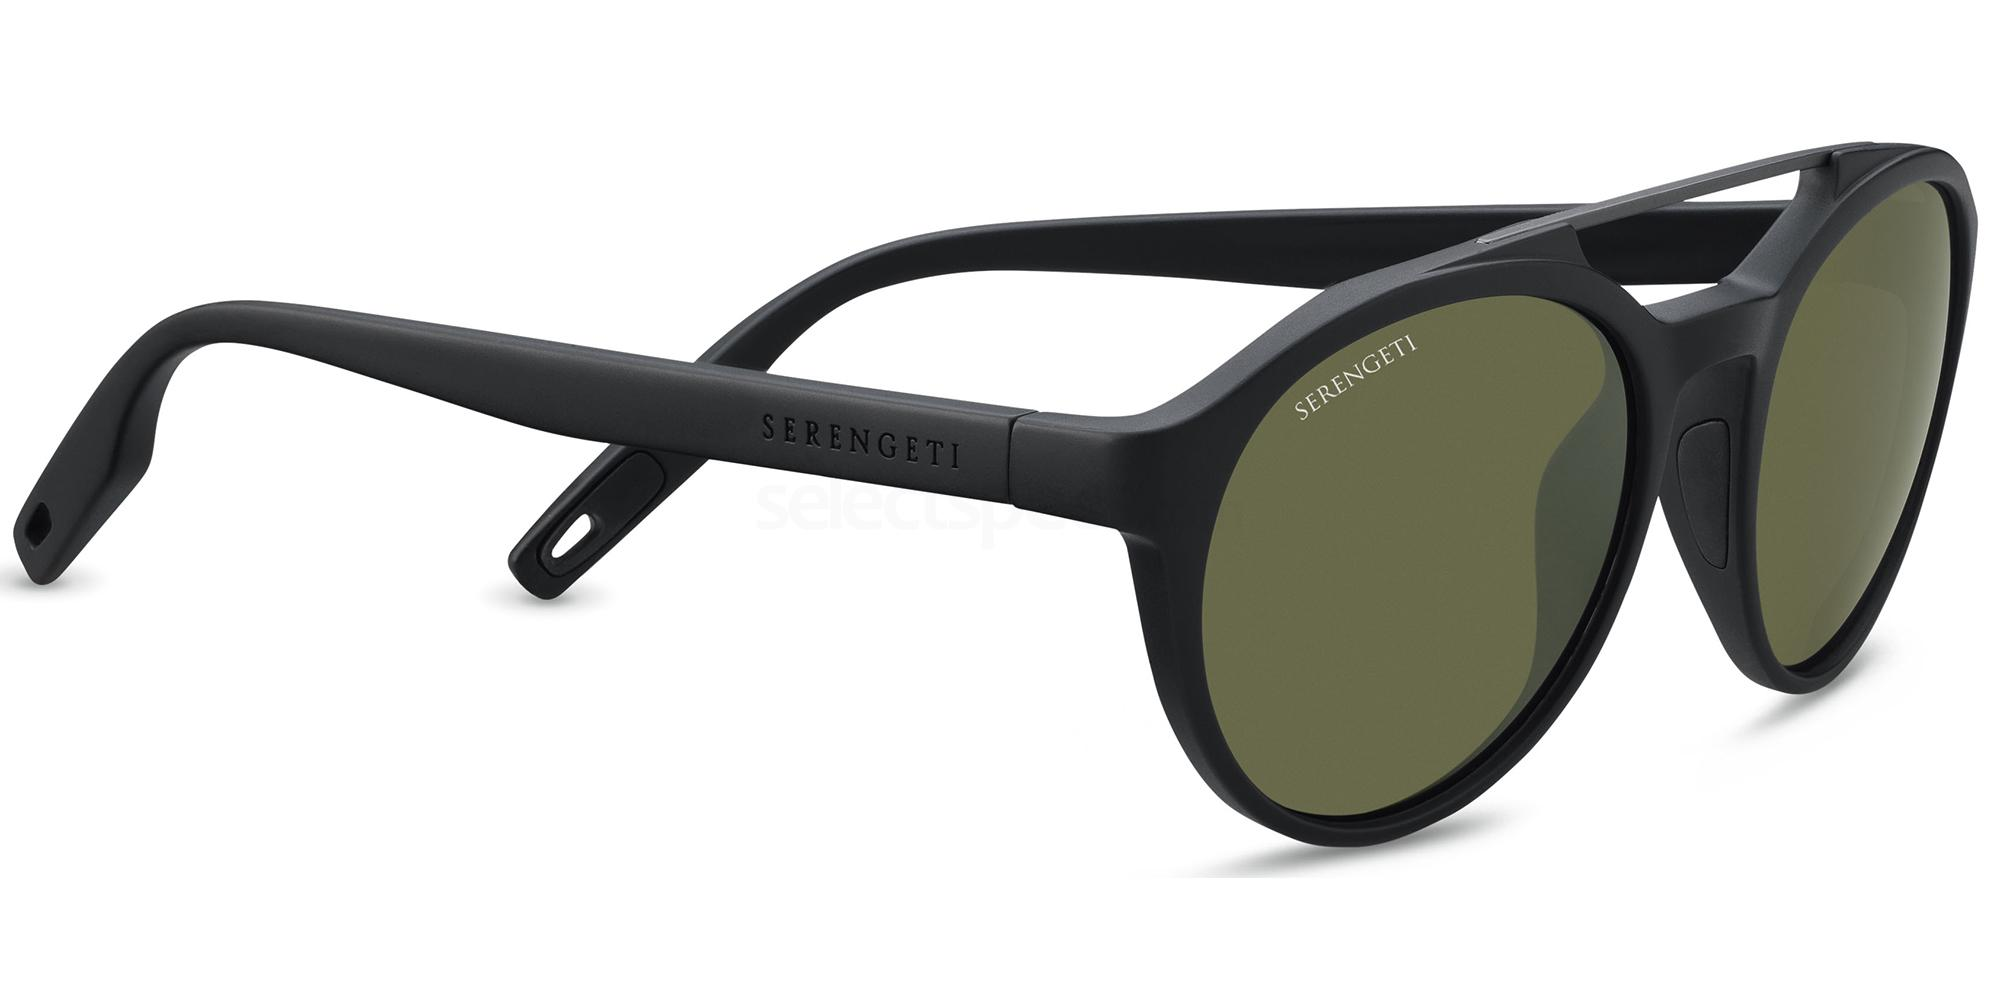 8591 Premium Nylon LEANDRO Sunglasses, Serengeti